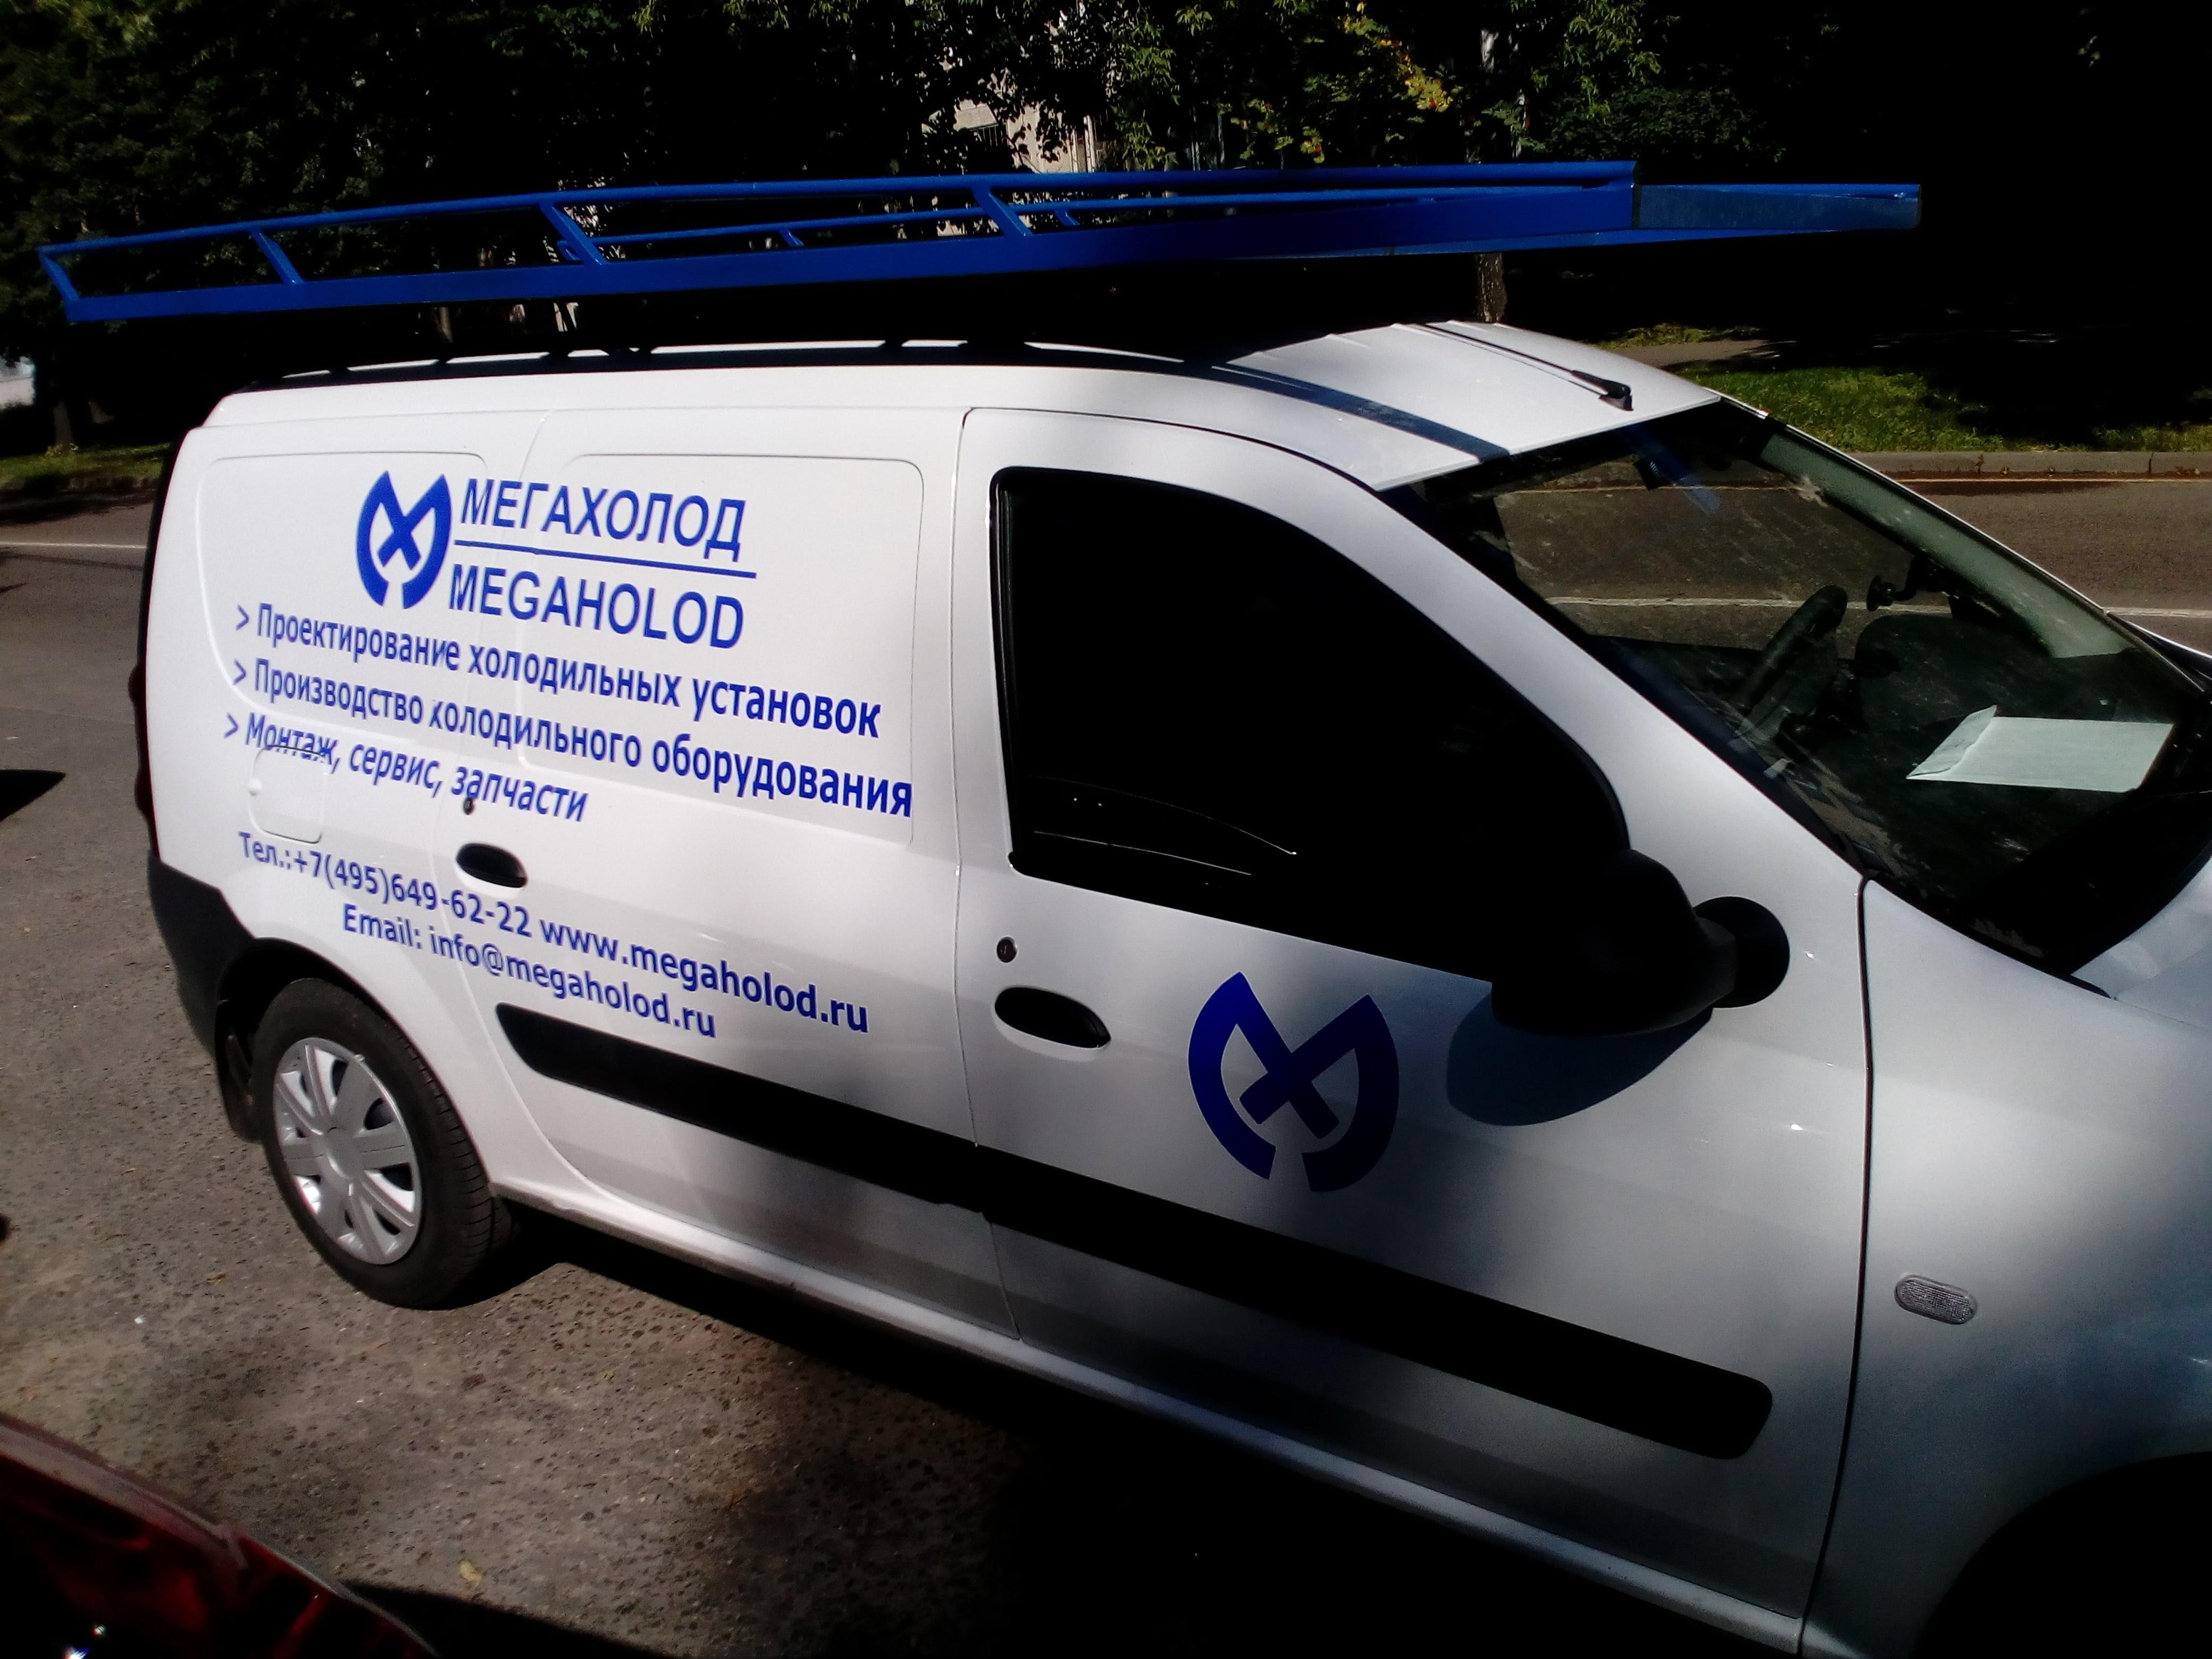 Рекламные наклейки на автомобиль лада ларгус